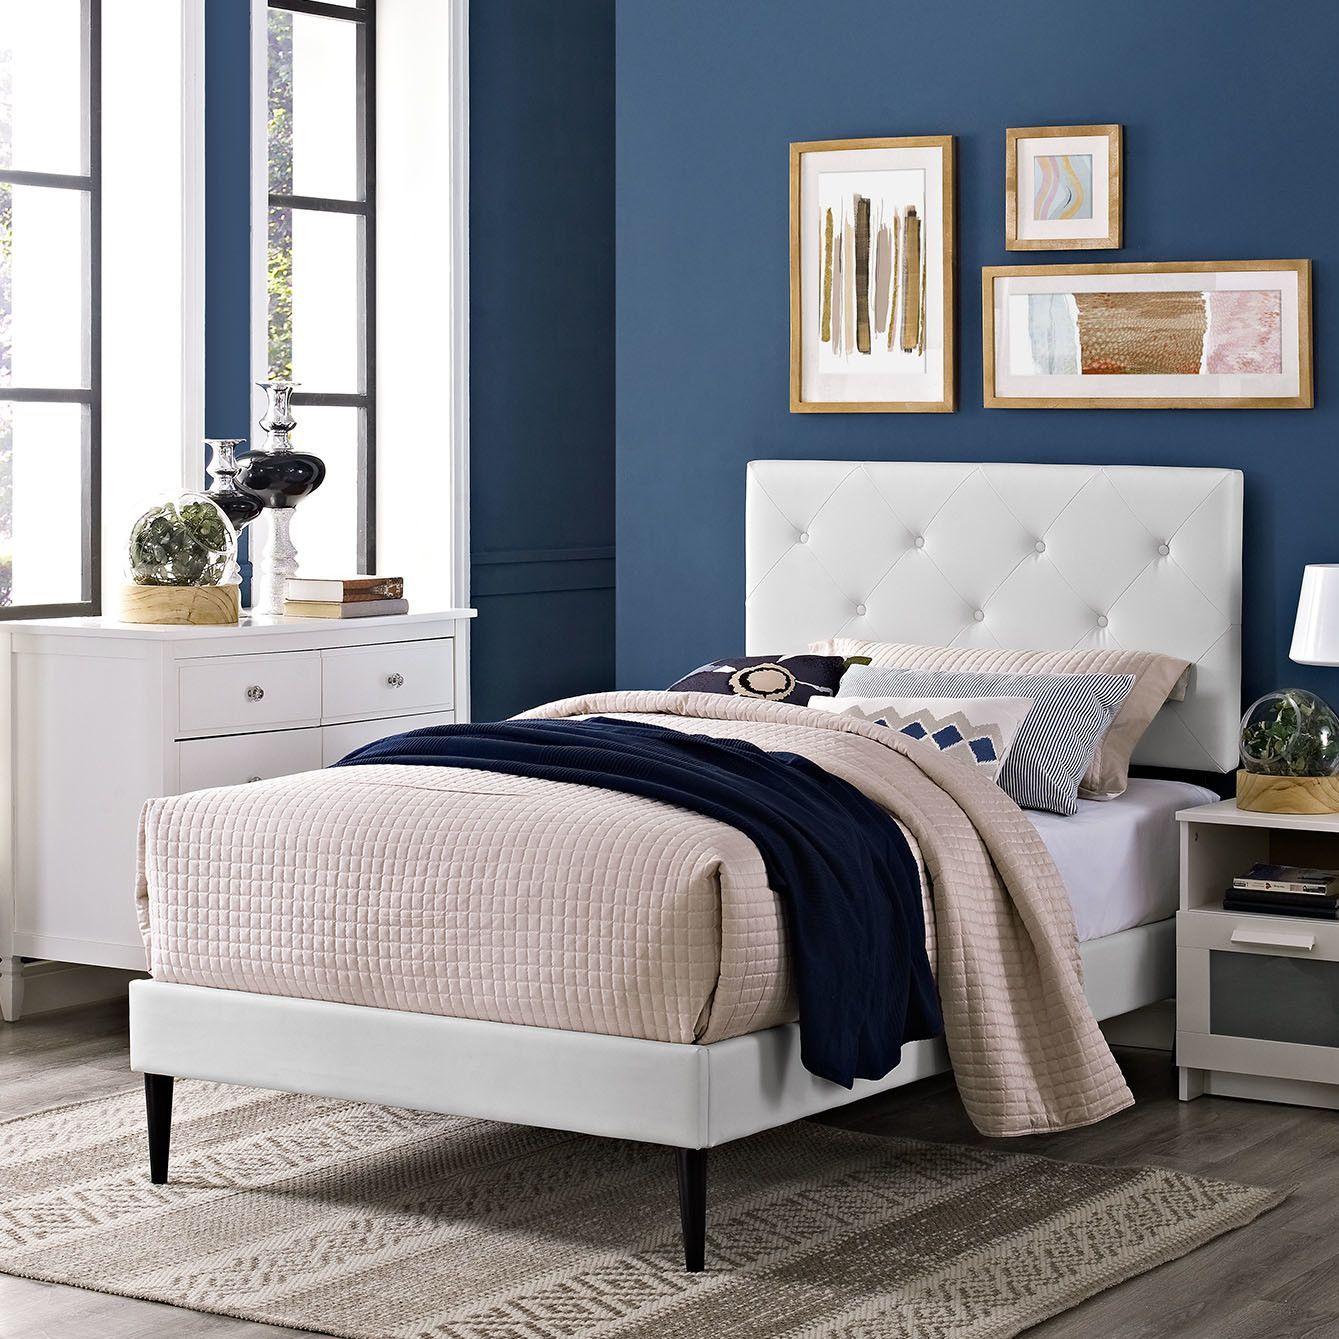 Terisa Upholstered Platform Bed Bedroom panel